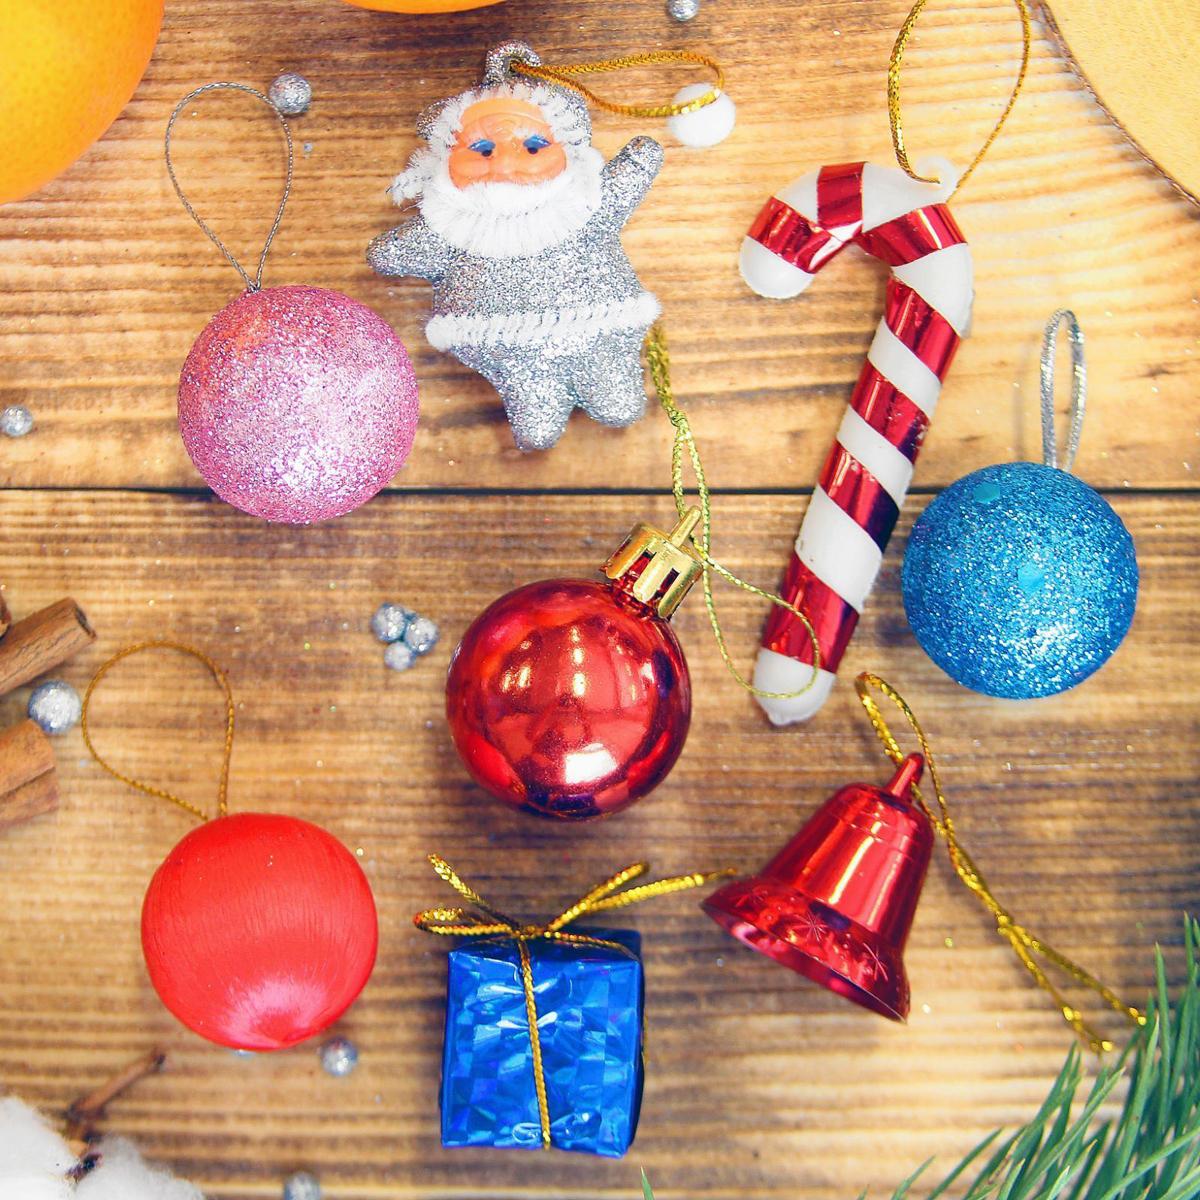 Набор новогодних подвесных украшений Шары, палочки, дом, колокольчики, барабаны, 15 шт2372124Набор новогодних подвесных украшений отлично подойдет для декорации вашего дома и новогодней ели. С помощью специальной петельки украшение можно повесить в любом понравившемся вам месте. Но, конечно, удачнее всего оно будет смотреться на праздничной елке.Елочная игрушка - символ Нового года. Она несет в себе волшебство и красоту праздника. Такое украшение создаст в вашем доме атмосферу праздника, веселья и радости.